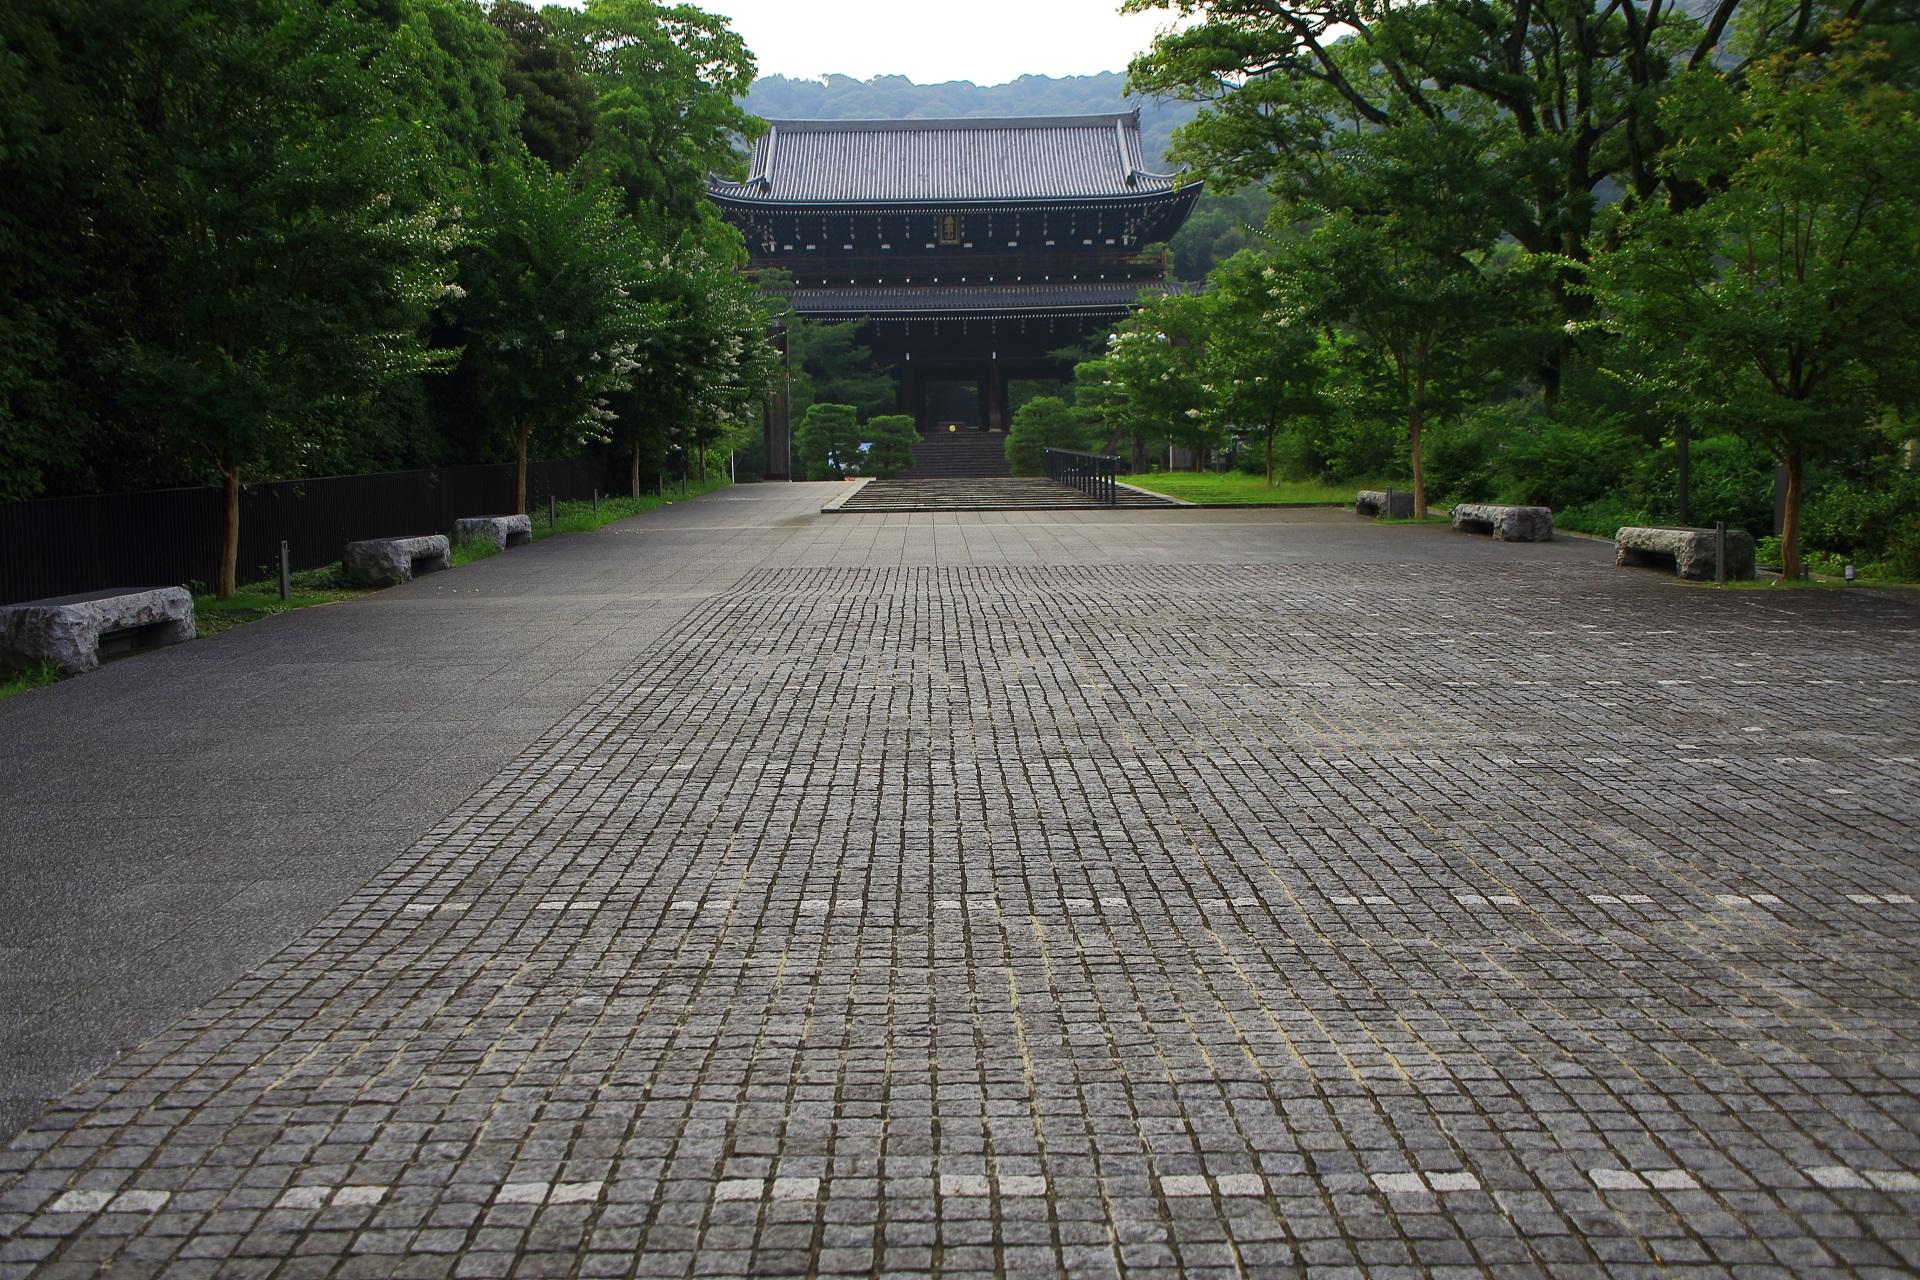 知恩院の三門と広い道